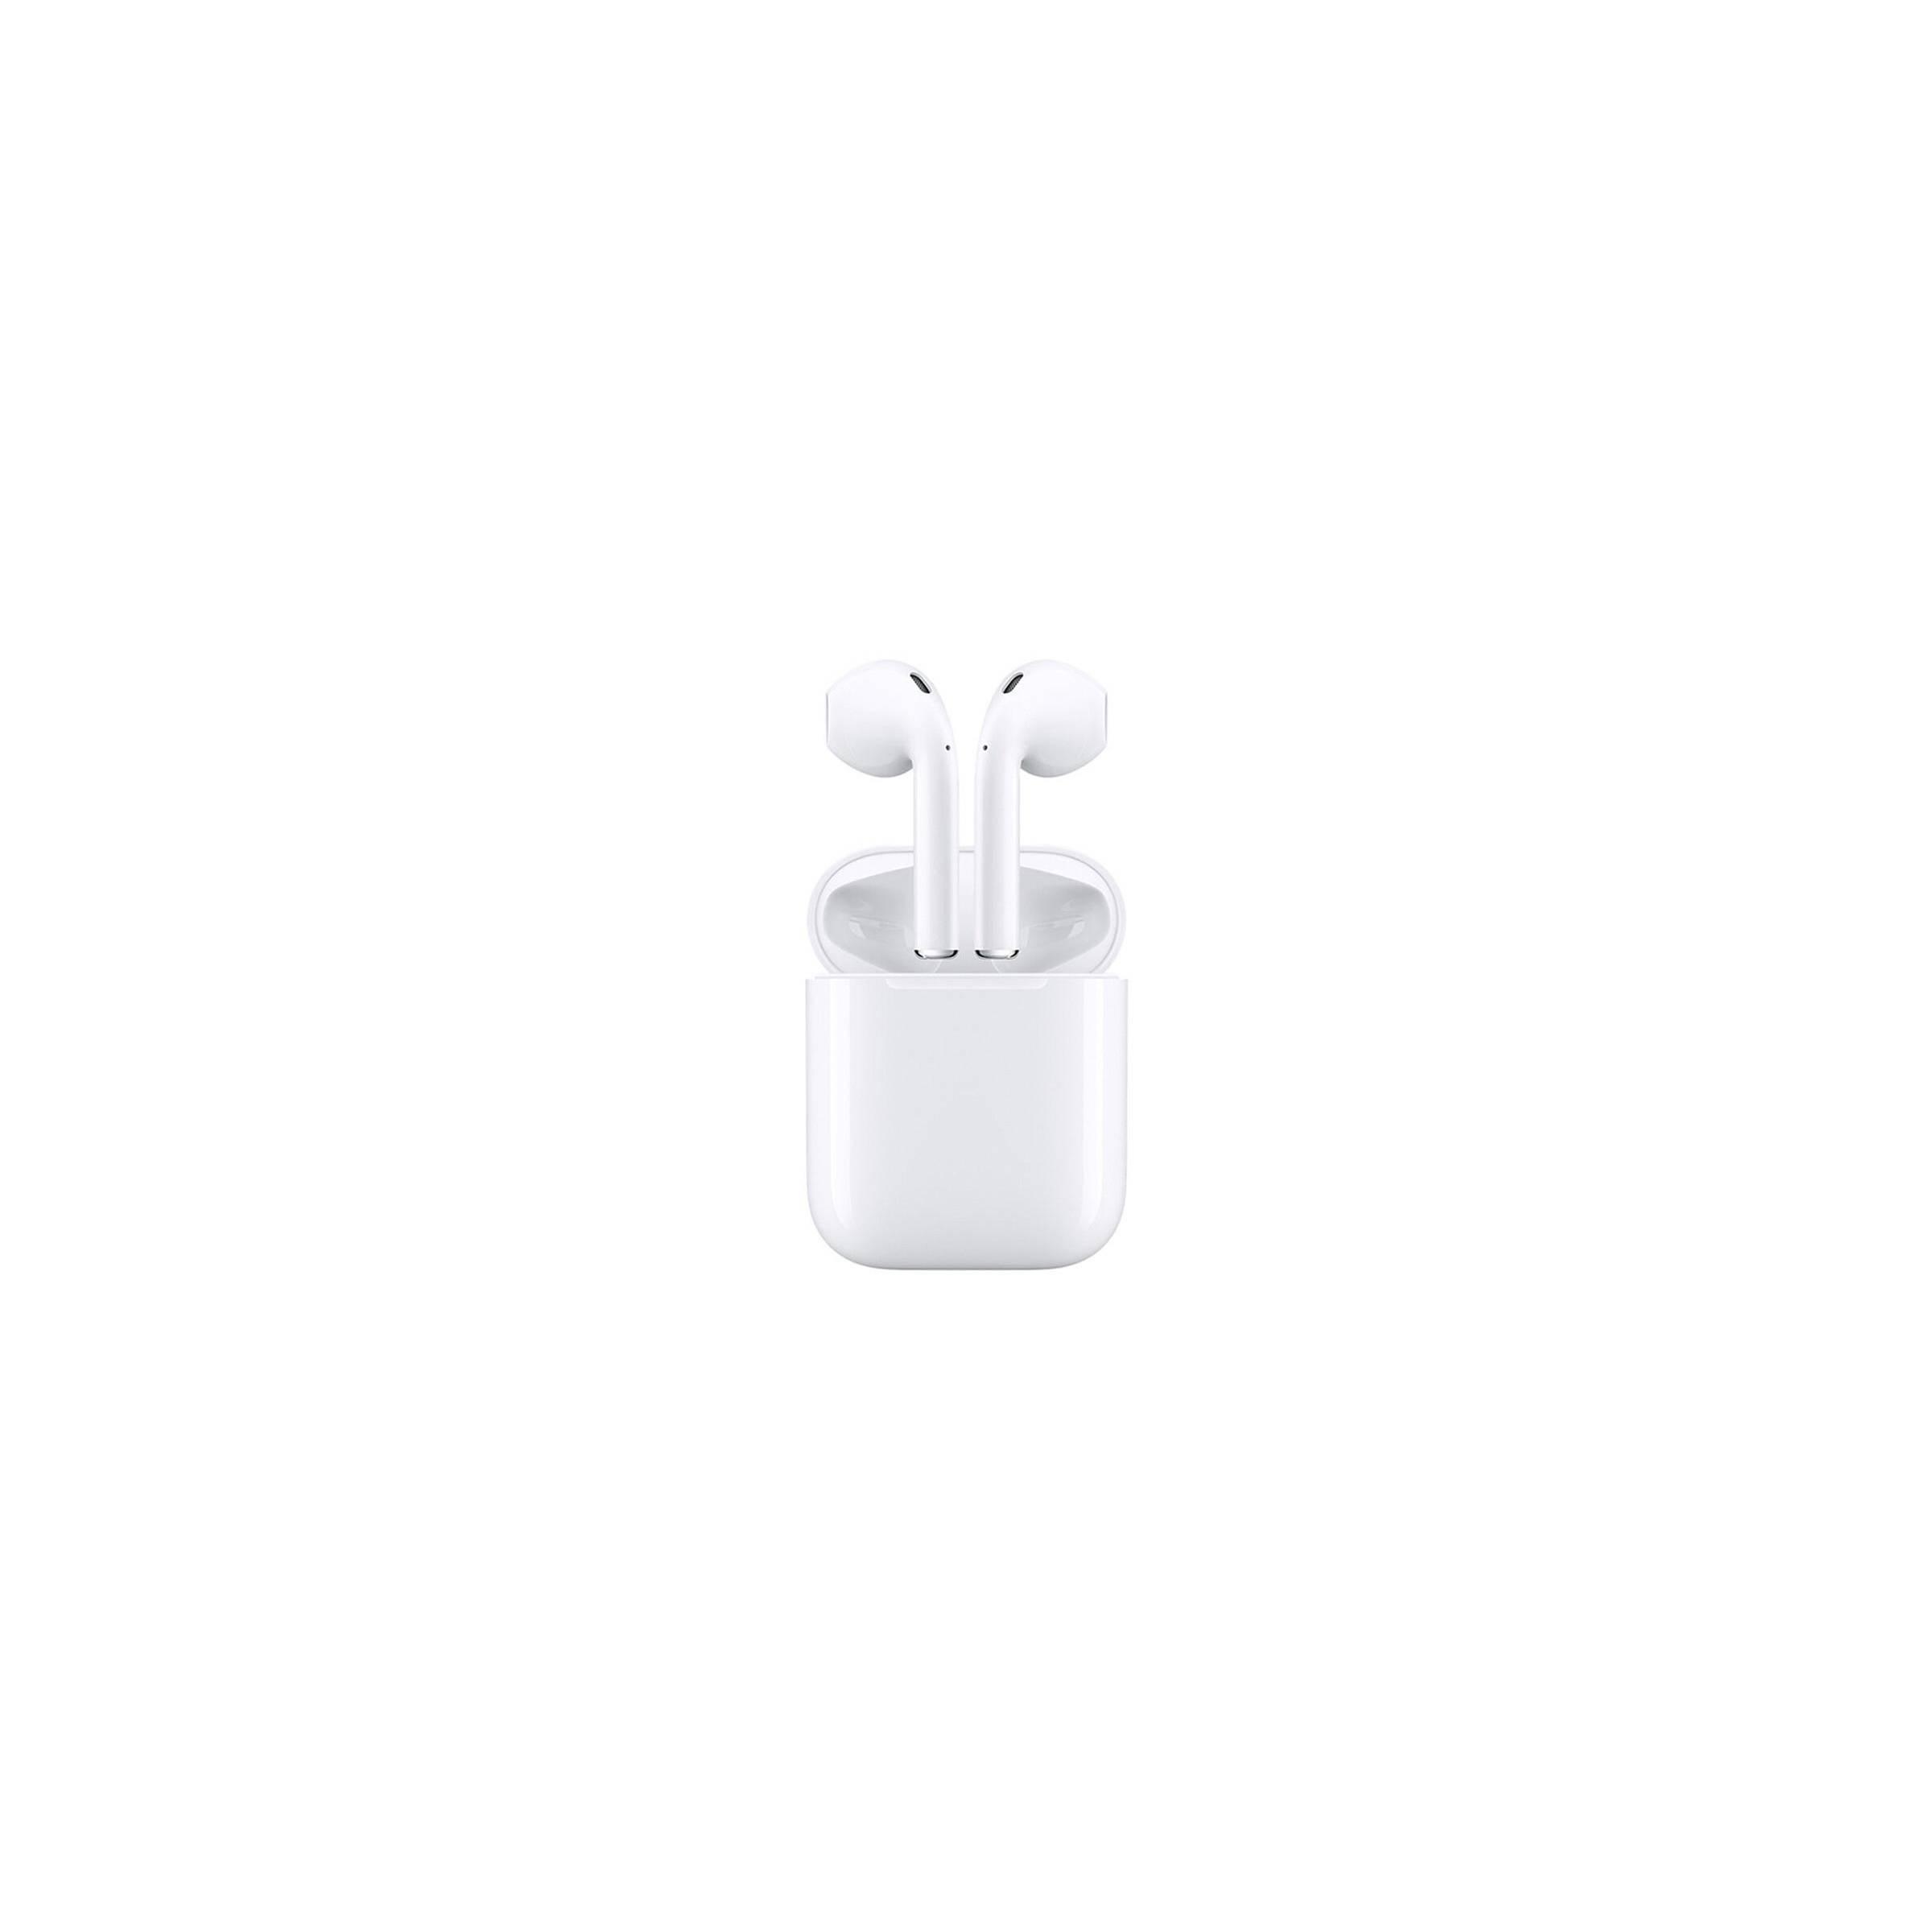 kina oem I18 earbuds true wireless øreproptelefoner bt 5.0 fra mackabler.dk